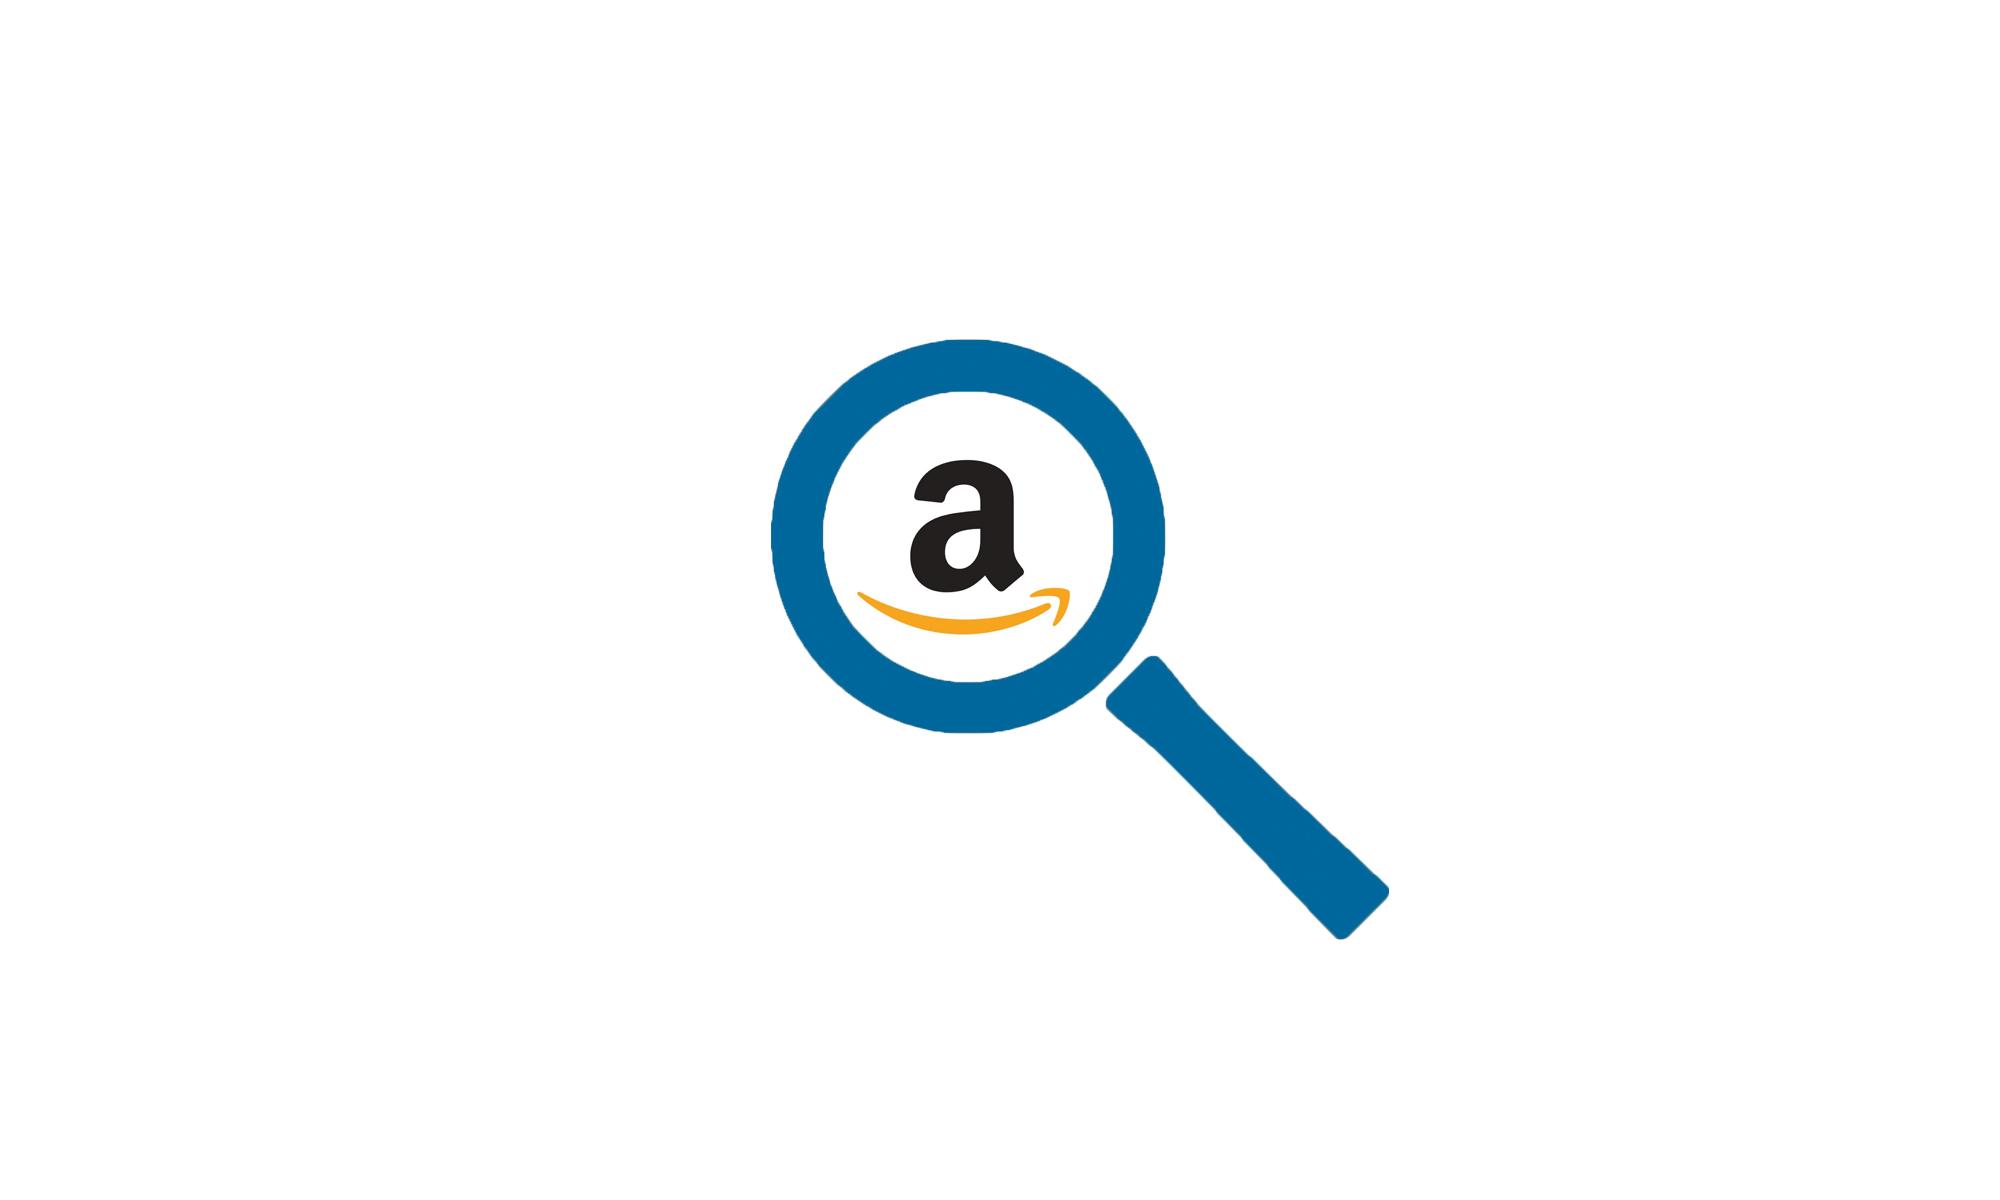 Giải pháp tối ưu Amazon SEO: Cách xếp hạng sản phẩm và thuật toán A9 của Amazon